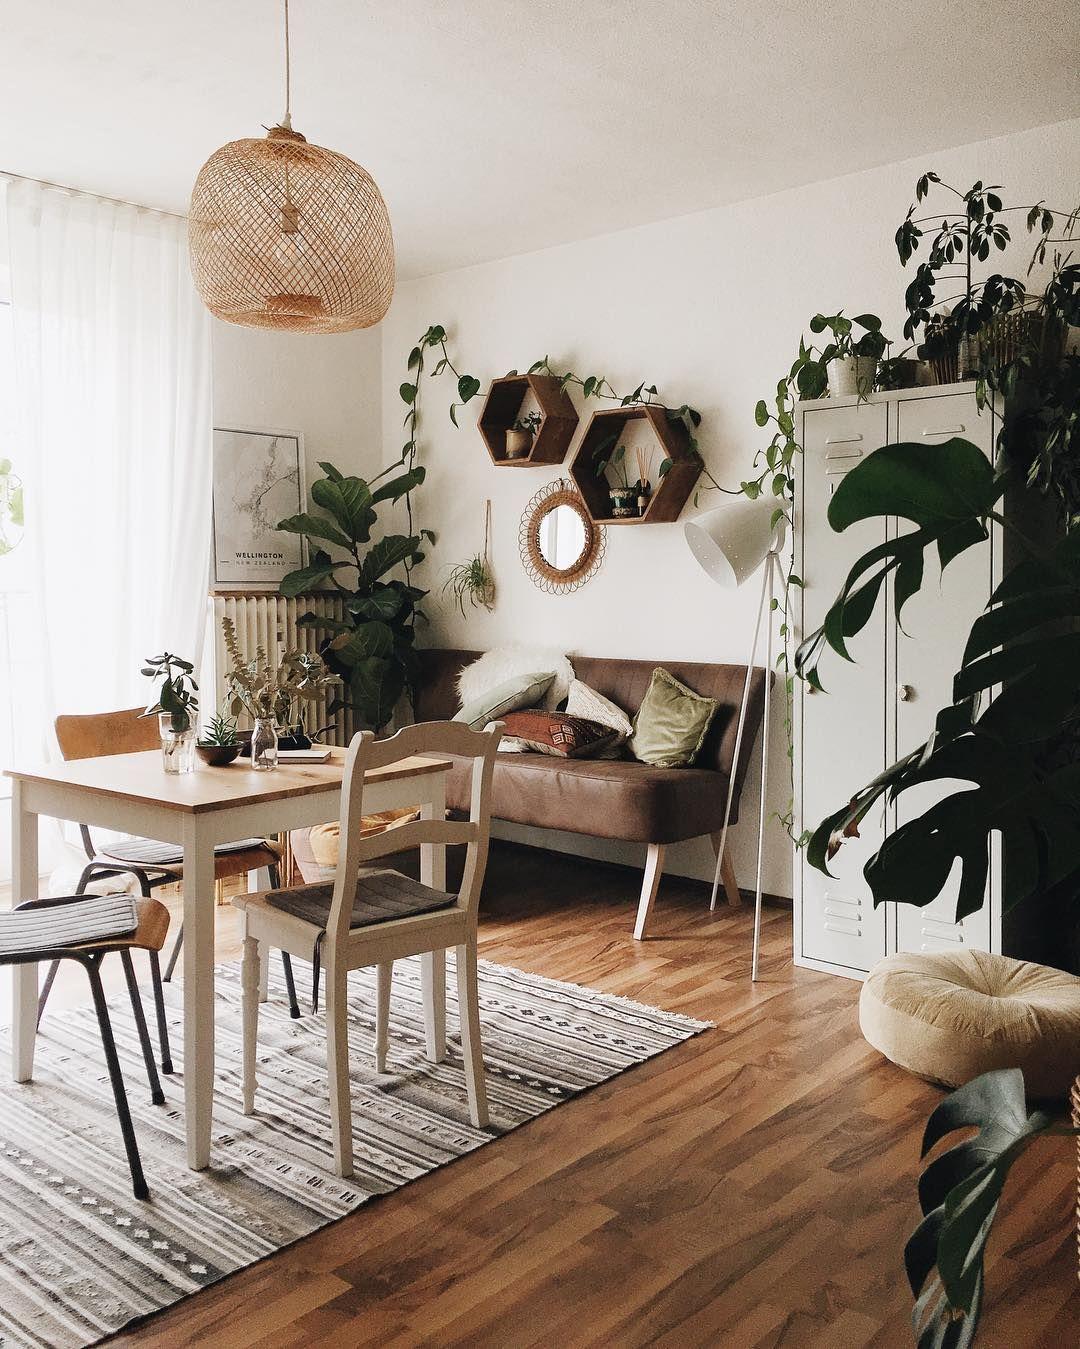 Friederike Friederikchen Fotos E Videos Do Instagram Boho Dining Room Dining Room Small Small Dining Room Decor #sample #living #room #design